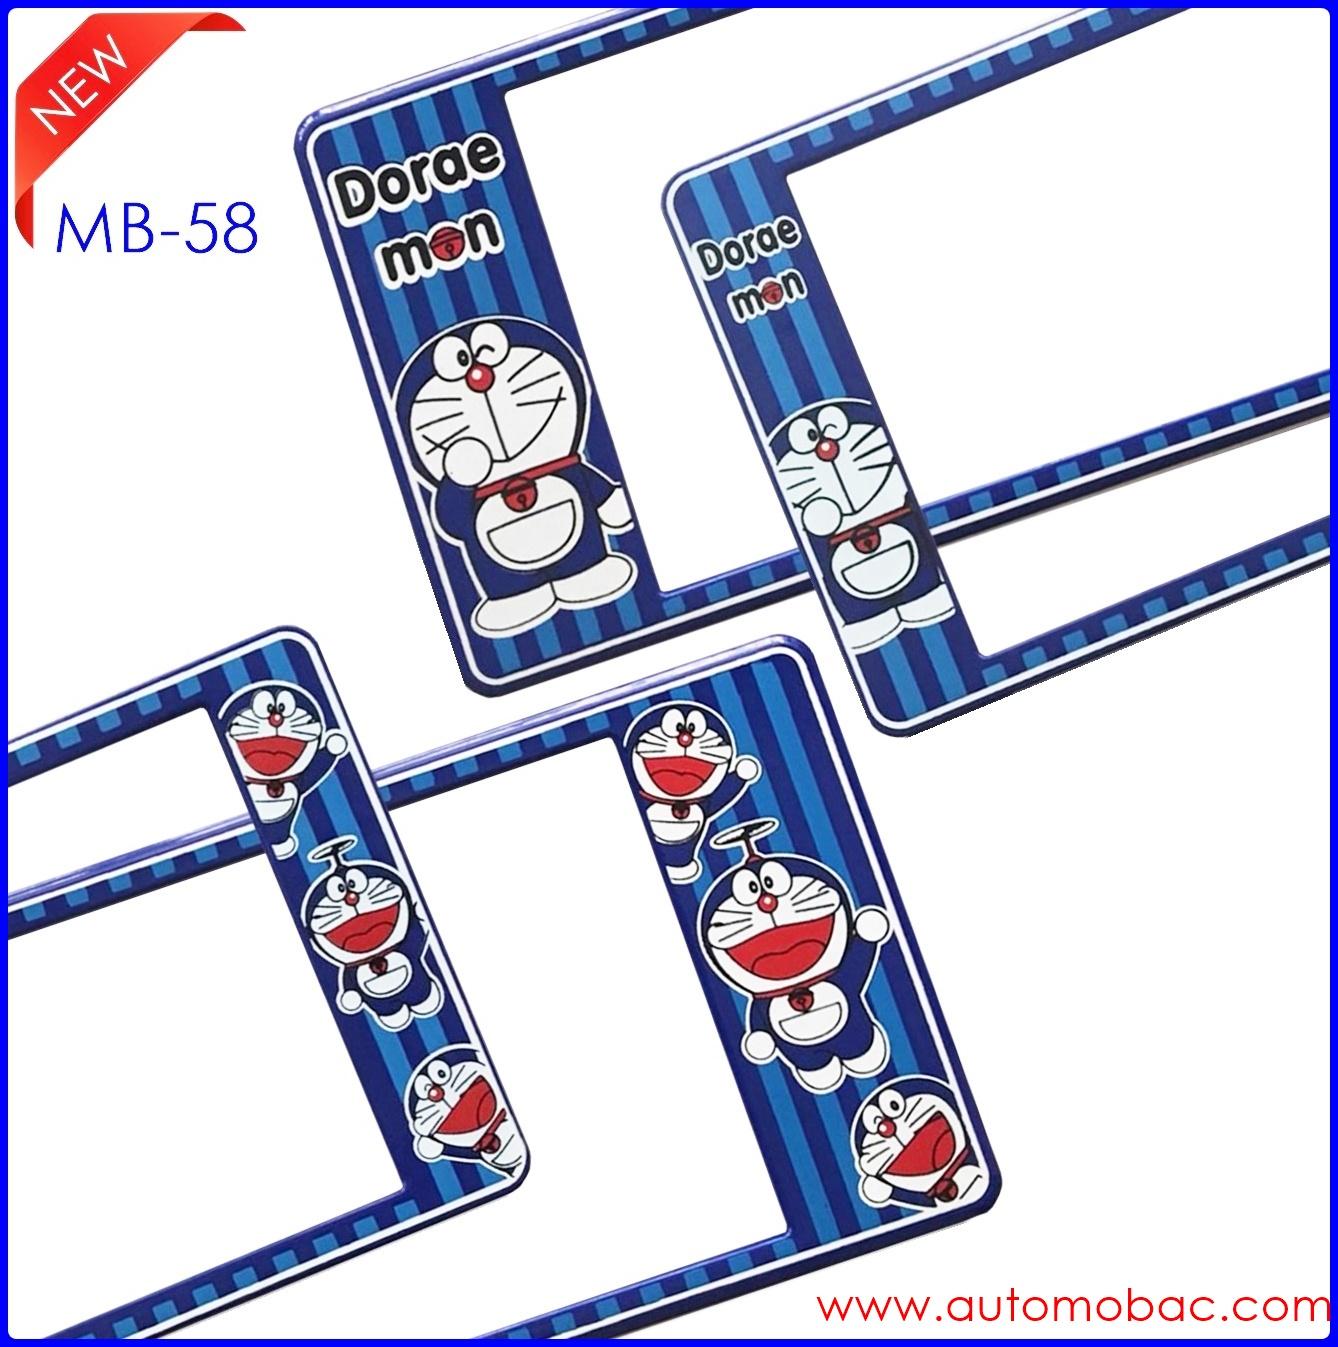 กรอบป้ายทะเบียนรถยนต์กันน้ำ MB-58 Doraemon มี แบบสั้น-ยาว ระบบล็อค 8 จุด มีน็อตอะไหล่ในกล่อง